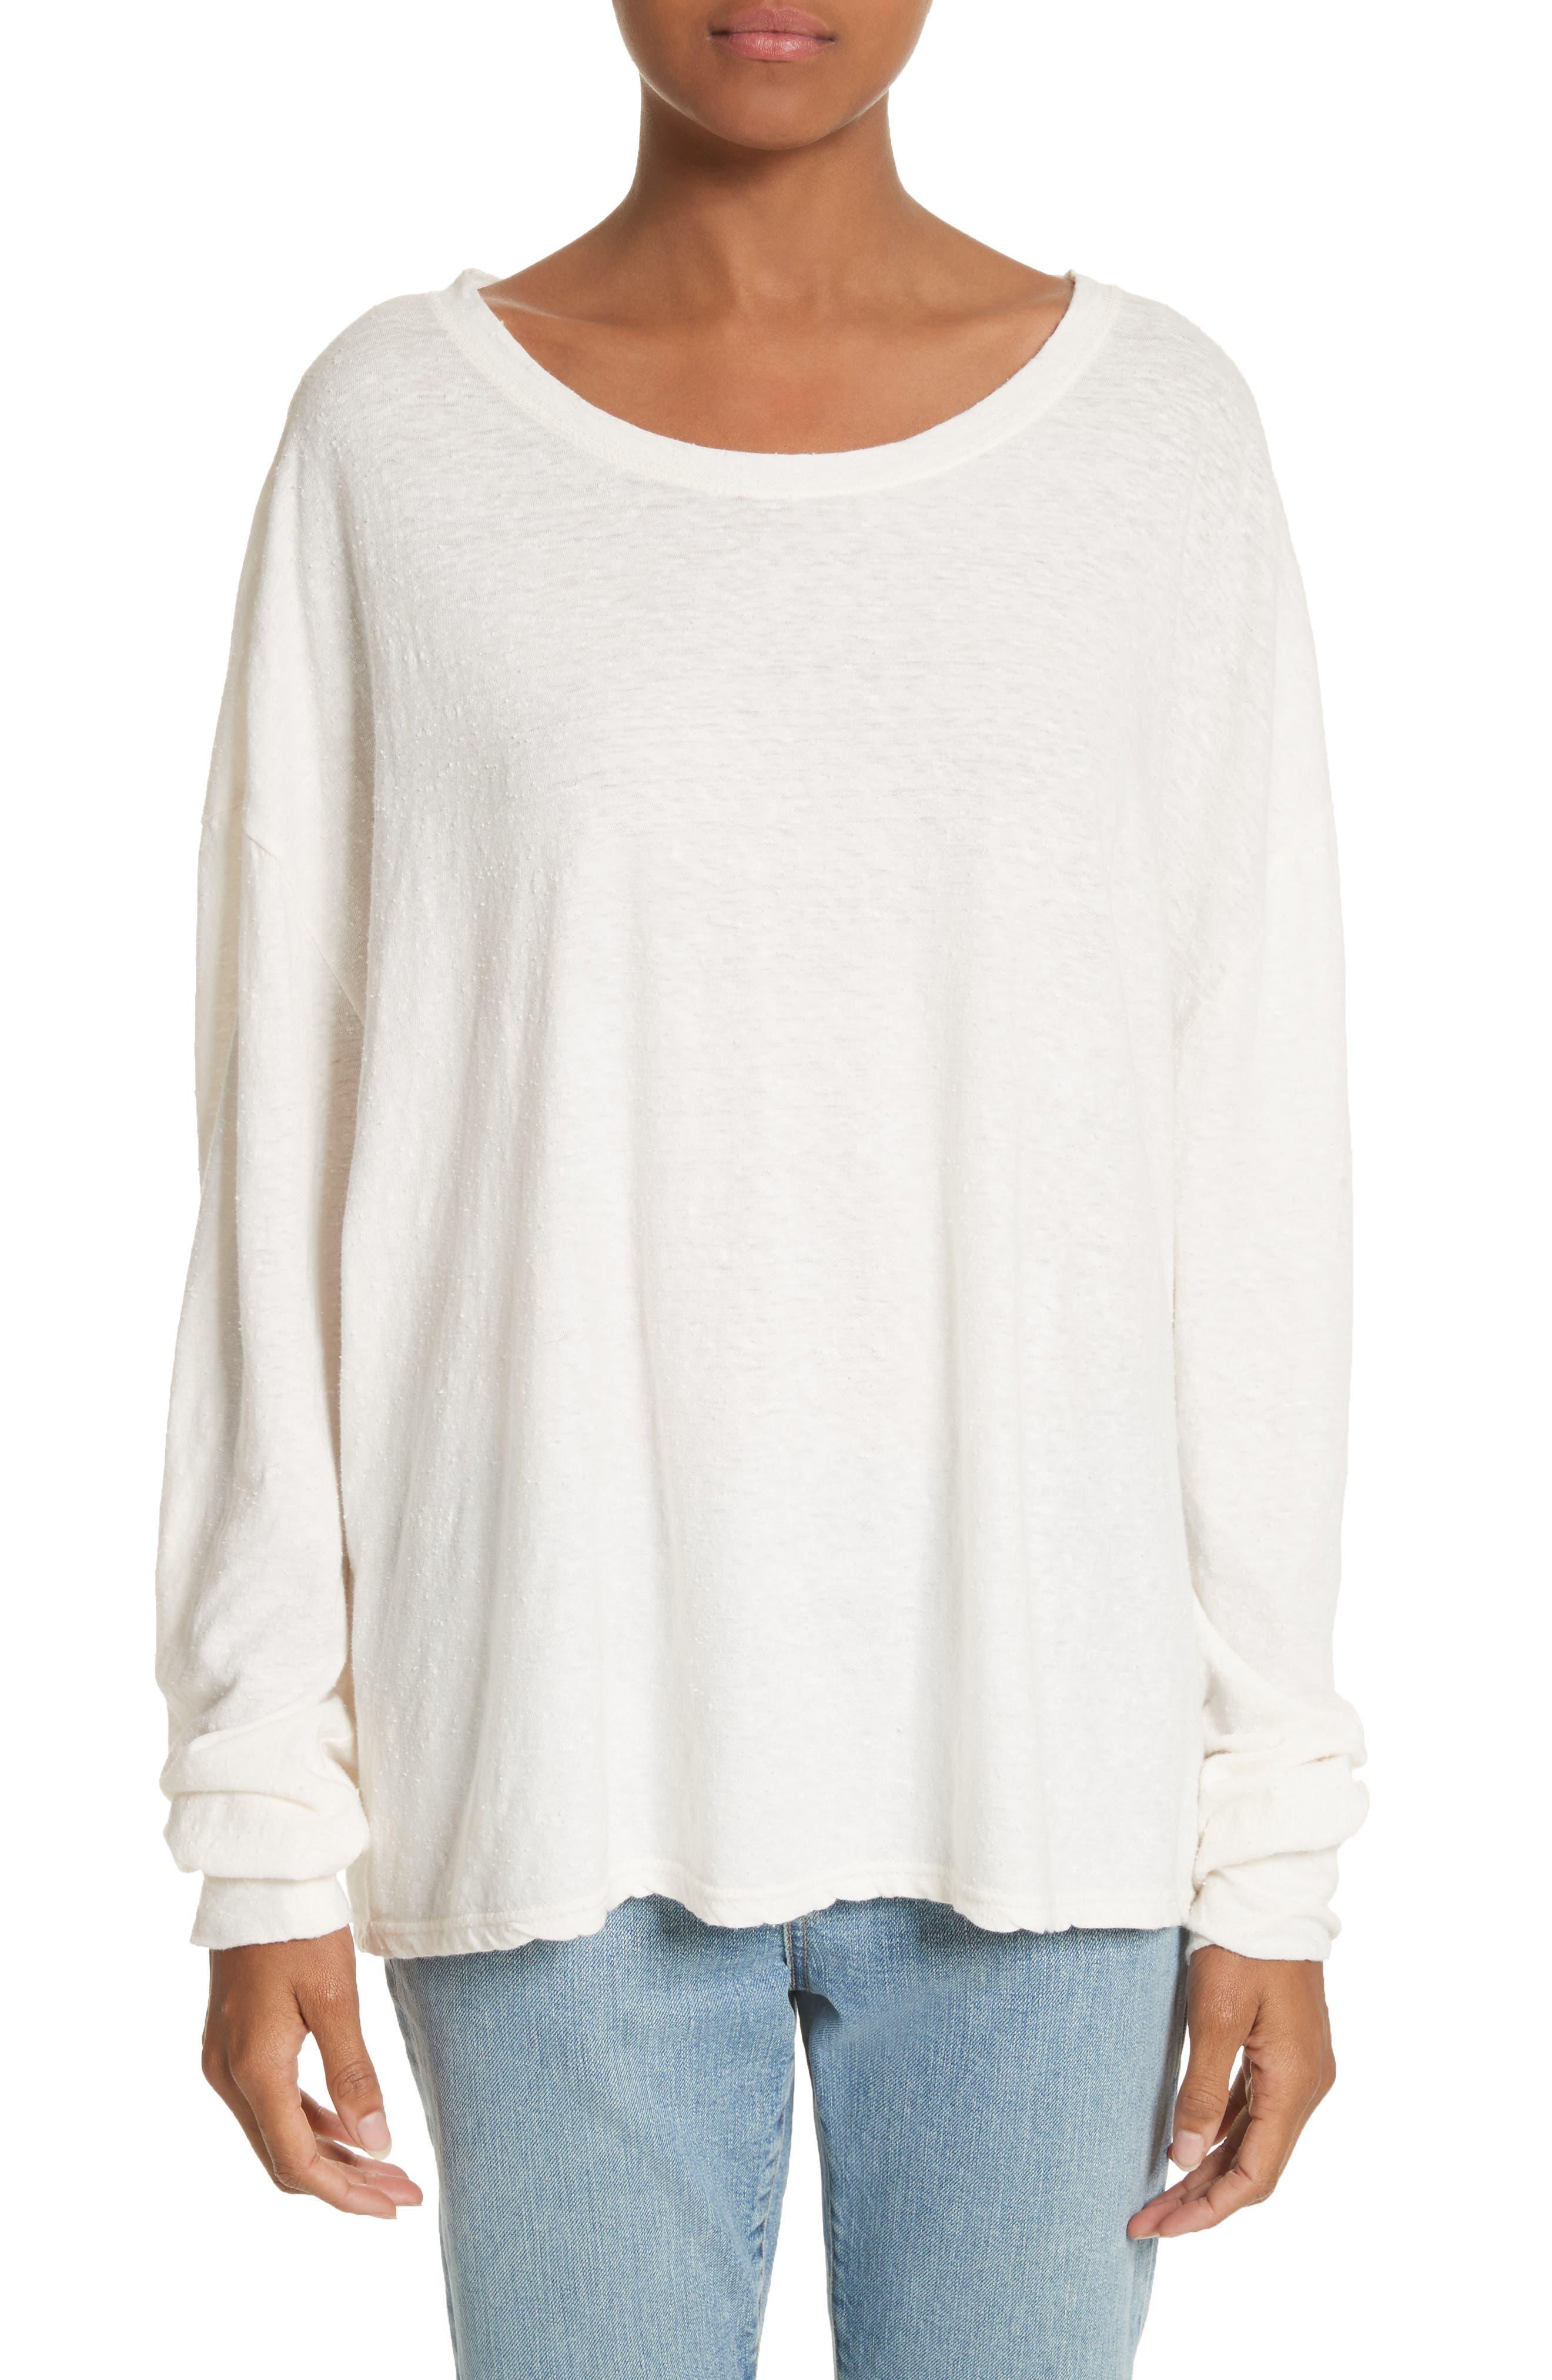 Solano Oversize Cotton Top,                         Main,                         color, White